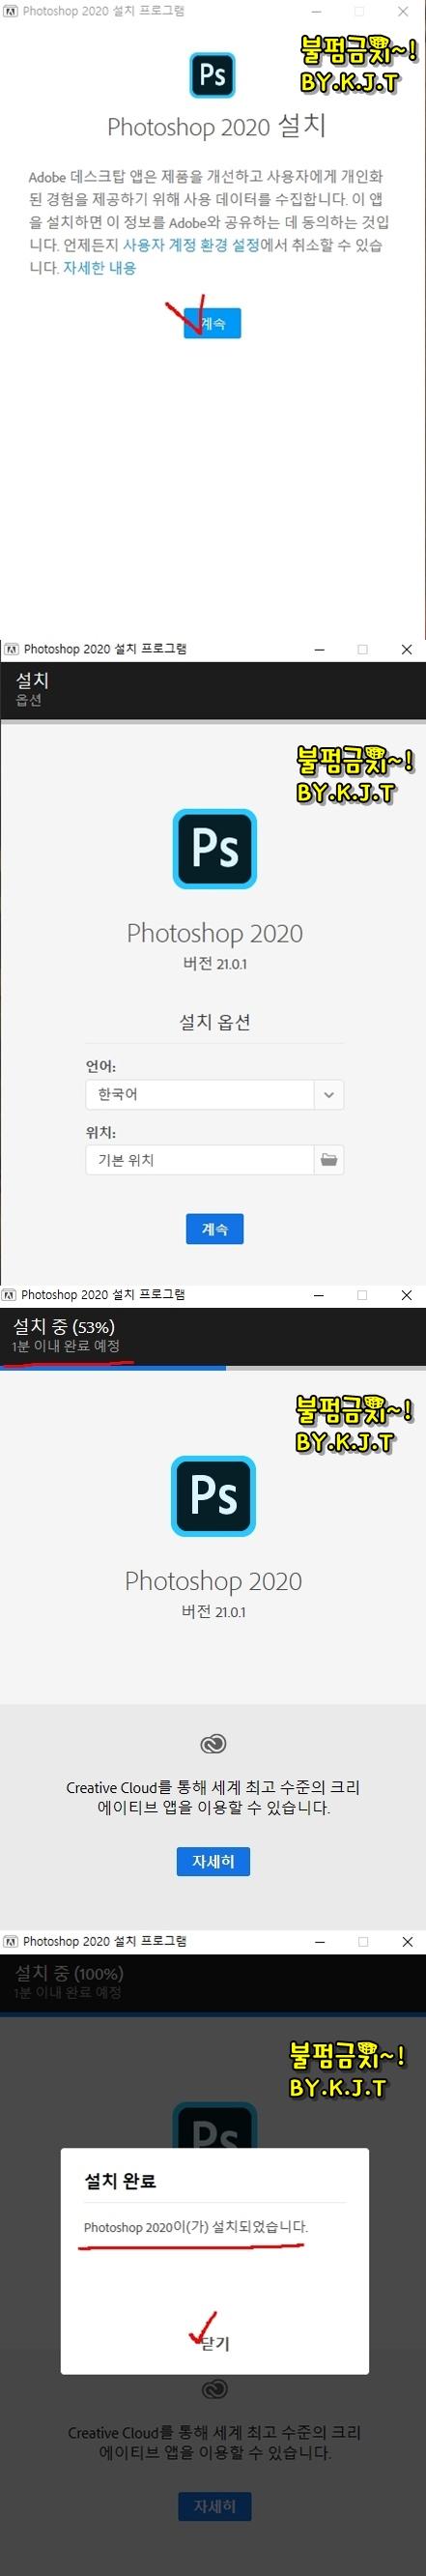 [최신] 포토샵 CC 2020. 64비트. 한글판 정품. 자동인증